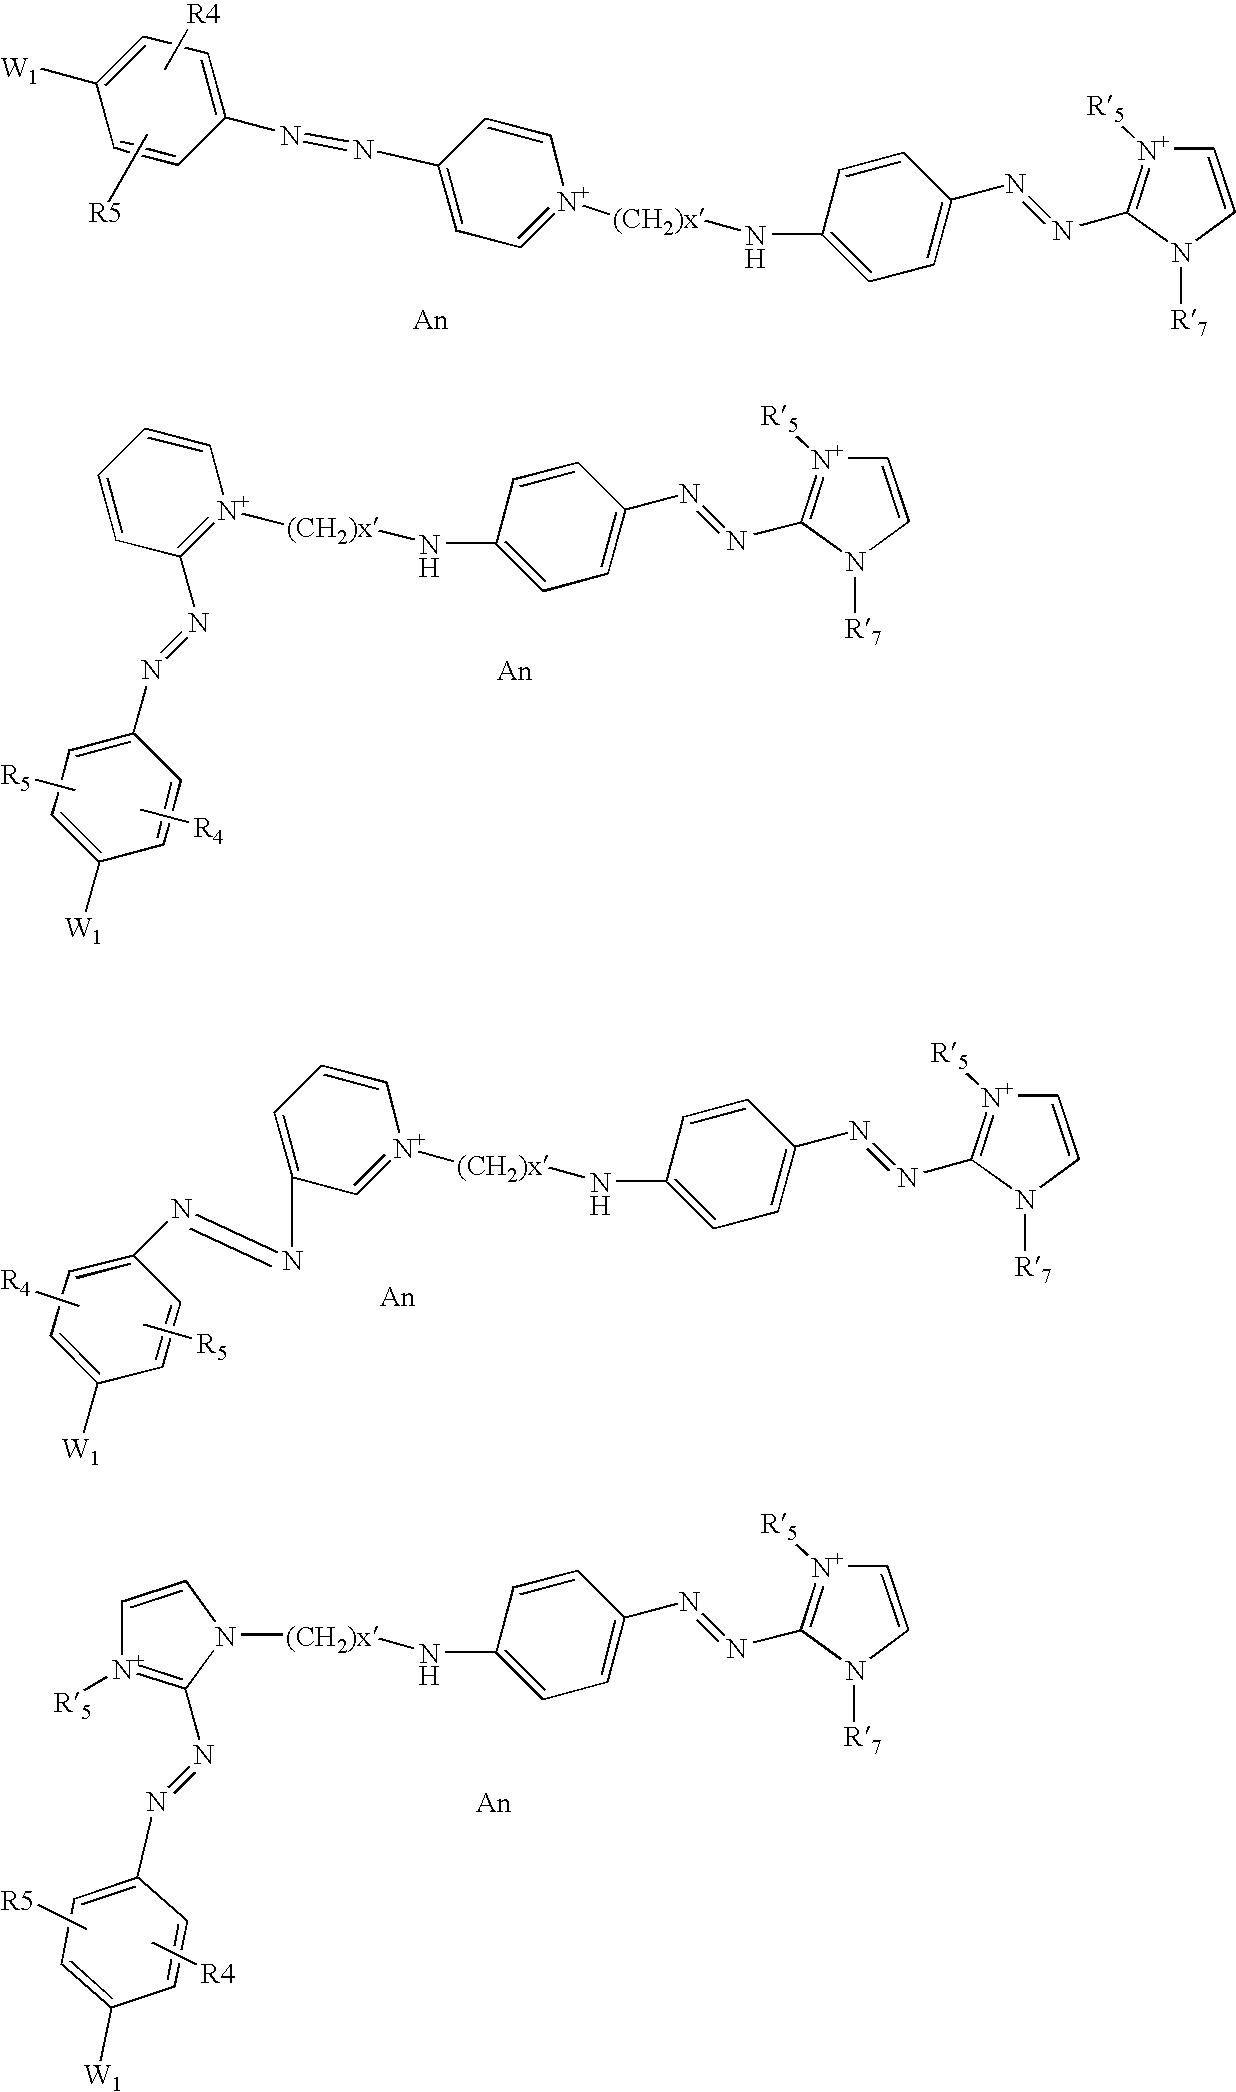 Figure US07288122-20071030-C00038